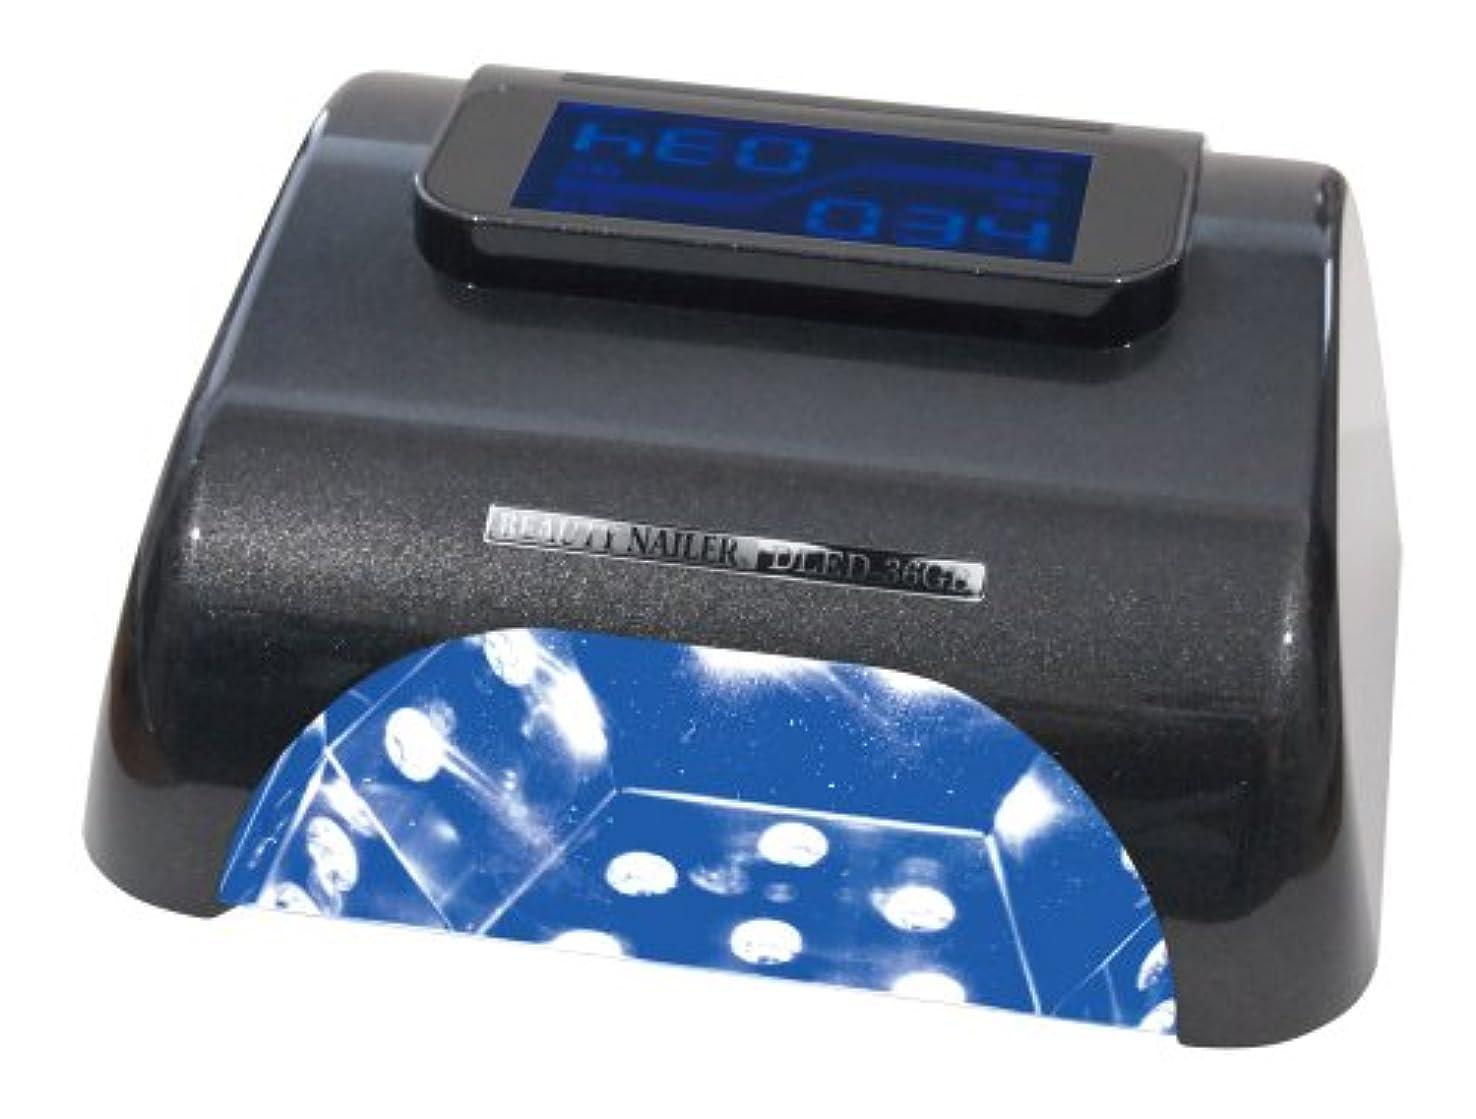 ソーダ水シチリア管理者ビューティーネイラー デジタルLEDライト DLED-36GB パールブラック